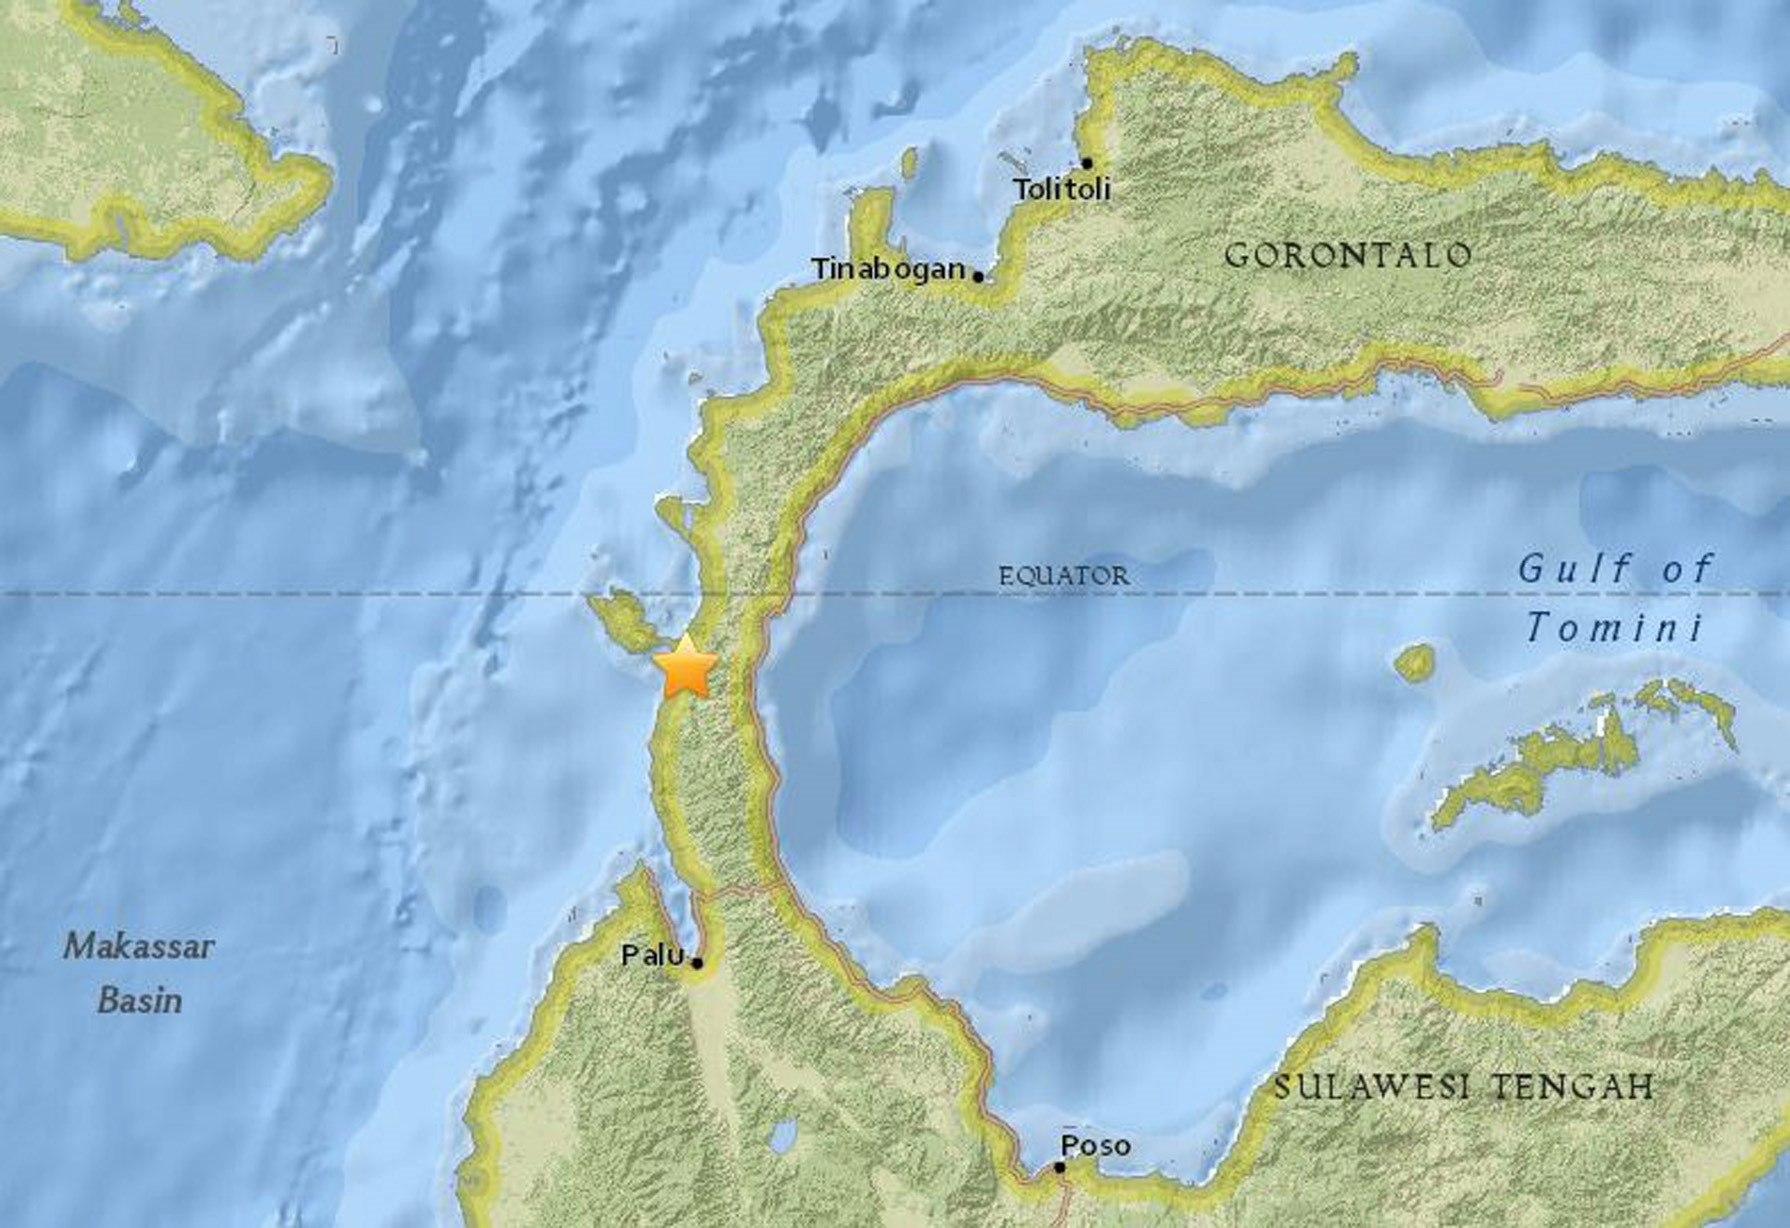 Imagen de un mapa que muestra el epicentro del terremoto de magnitud 6,1 que sacudió la isla de Célebes, situada en el norte de Indonesias.